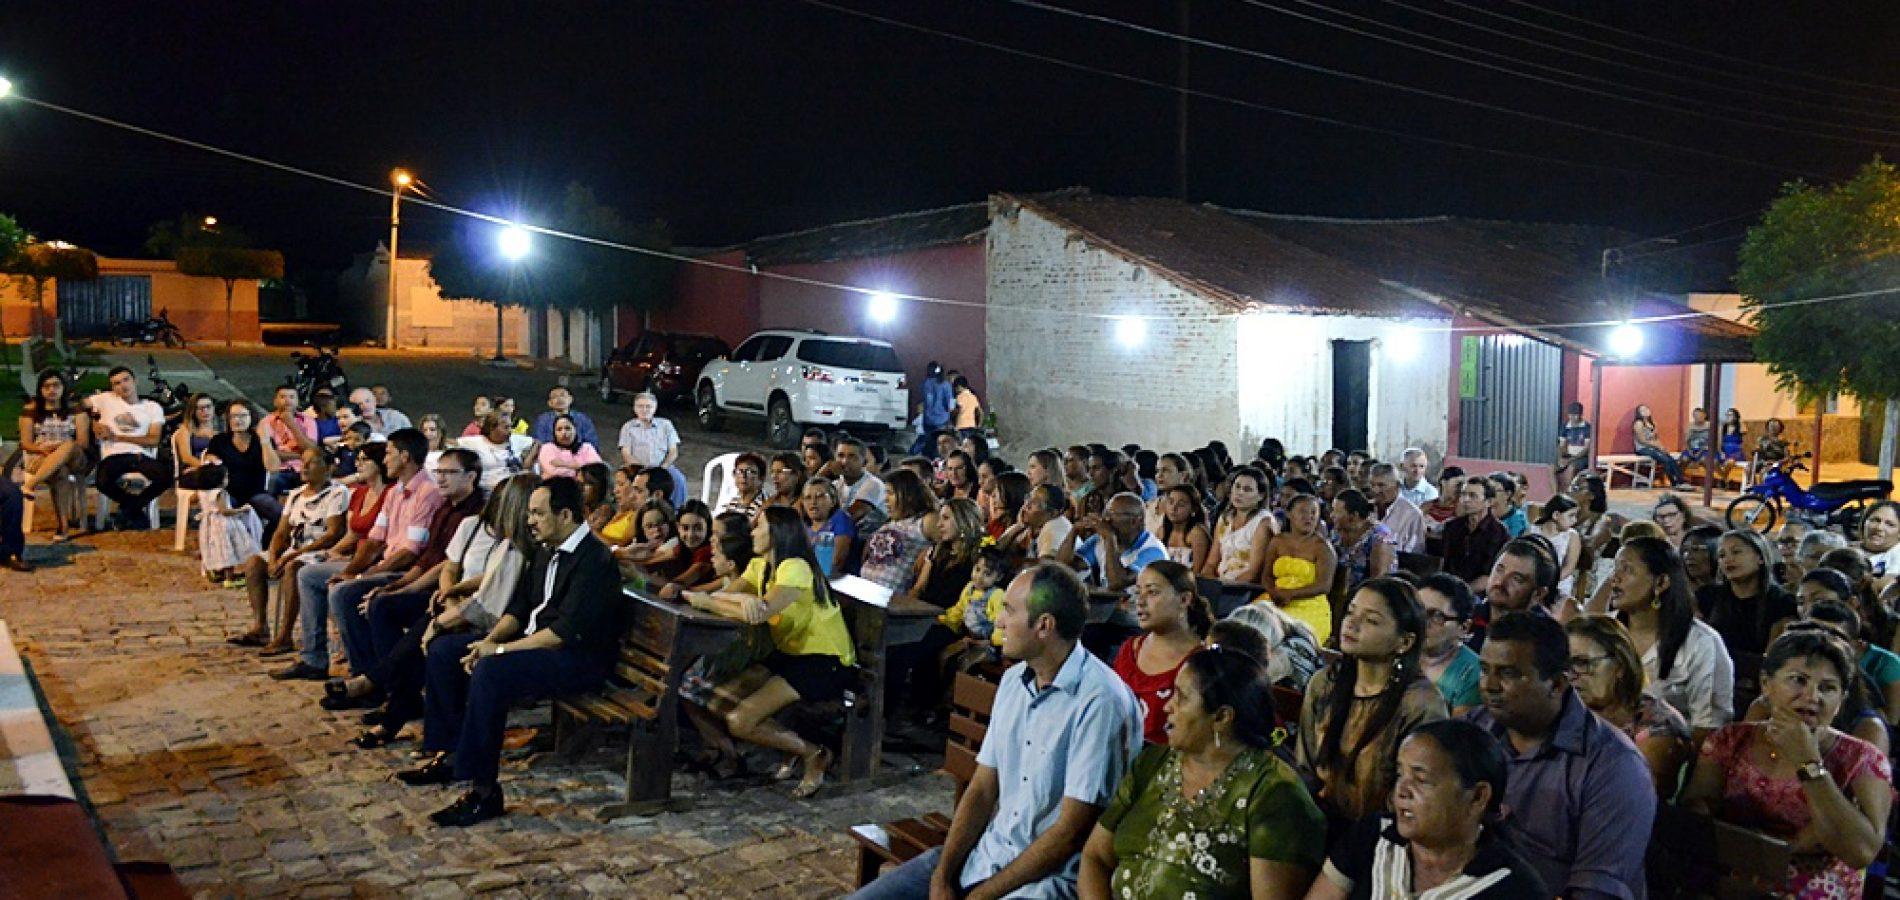 Executivo e Legislativo participam da 4ª noite de missa dos festejos de Massapê do Piauí